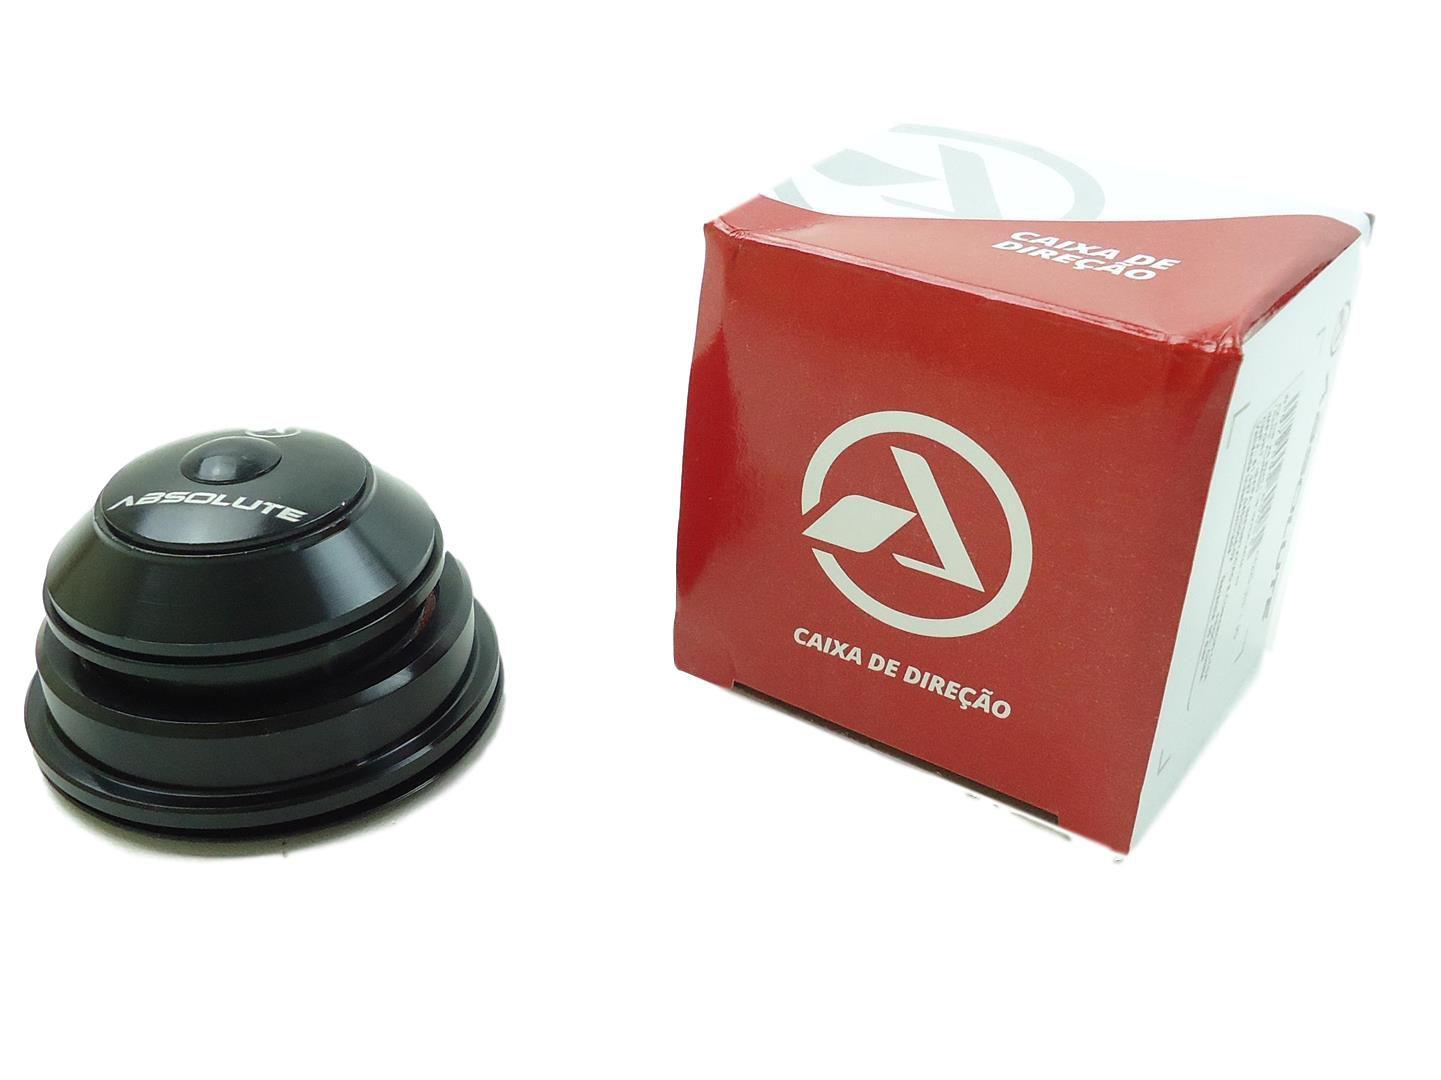 Caixa de Direção Absolute Tapered Semi-Integrada Cônica 55mm e 44mm Com Rolamentos Para First Athymus TSW Audax